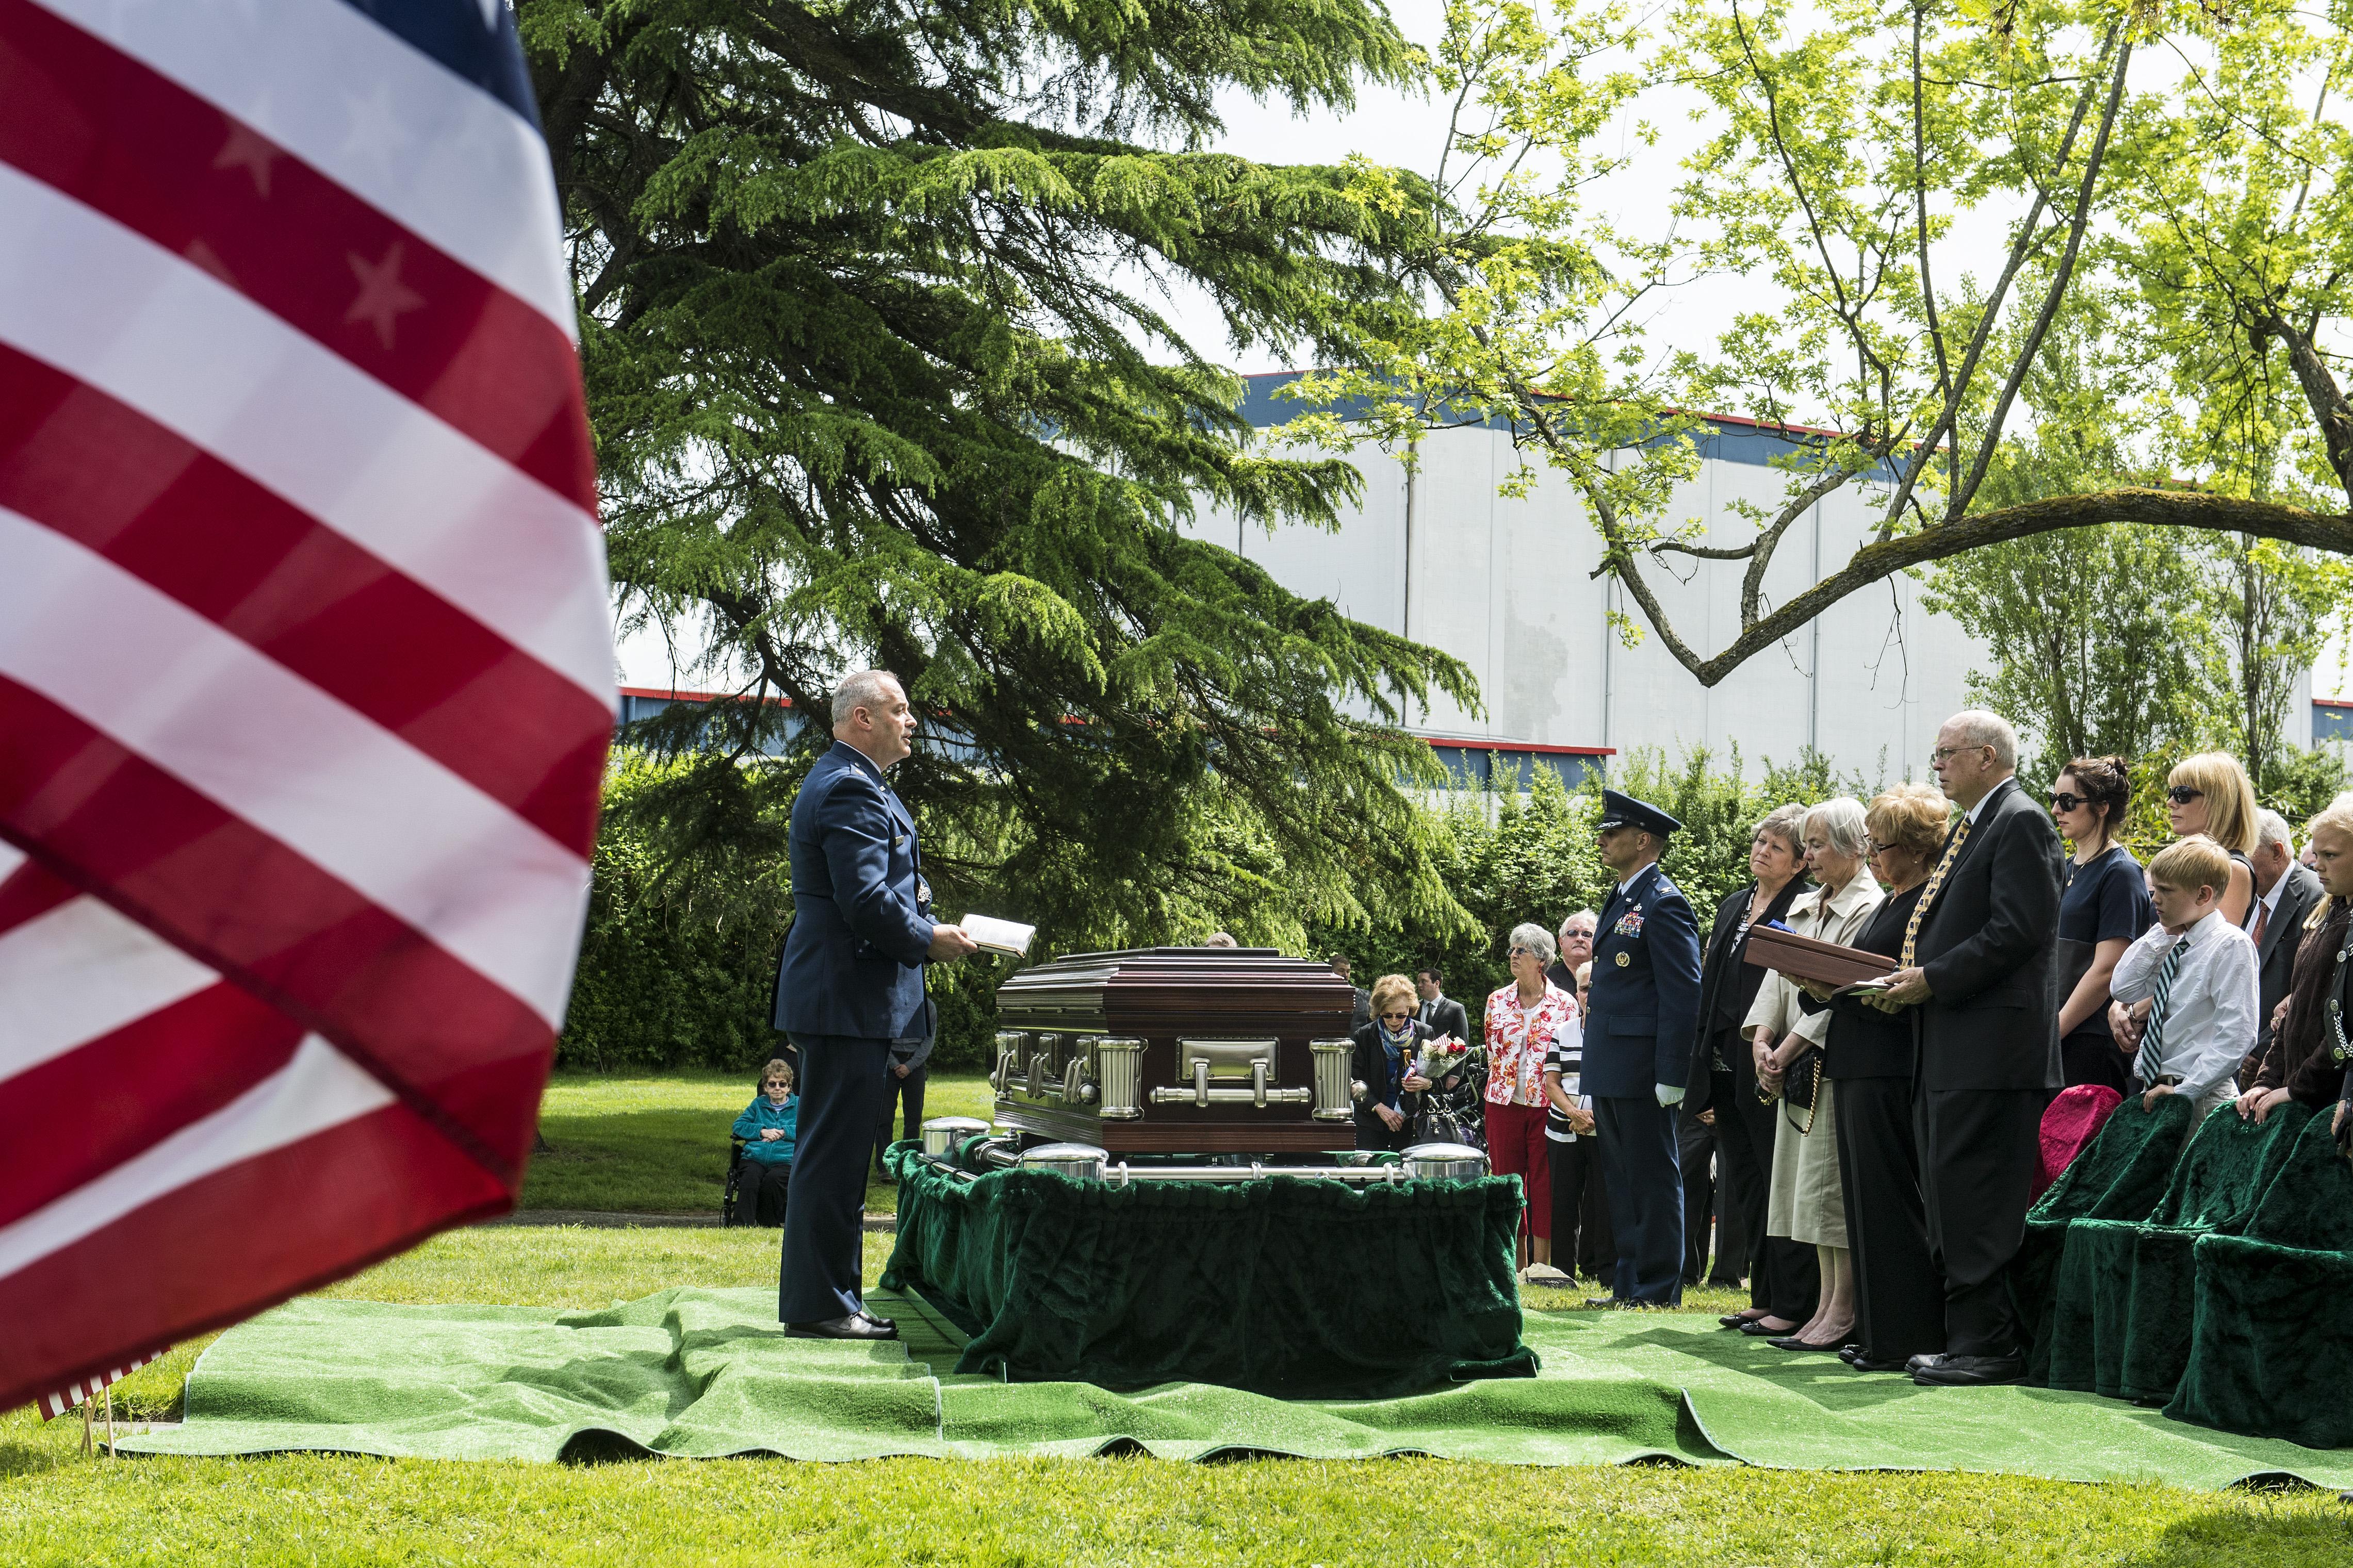 Captain honored to escort fallen Vietnam hero home